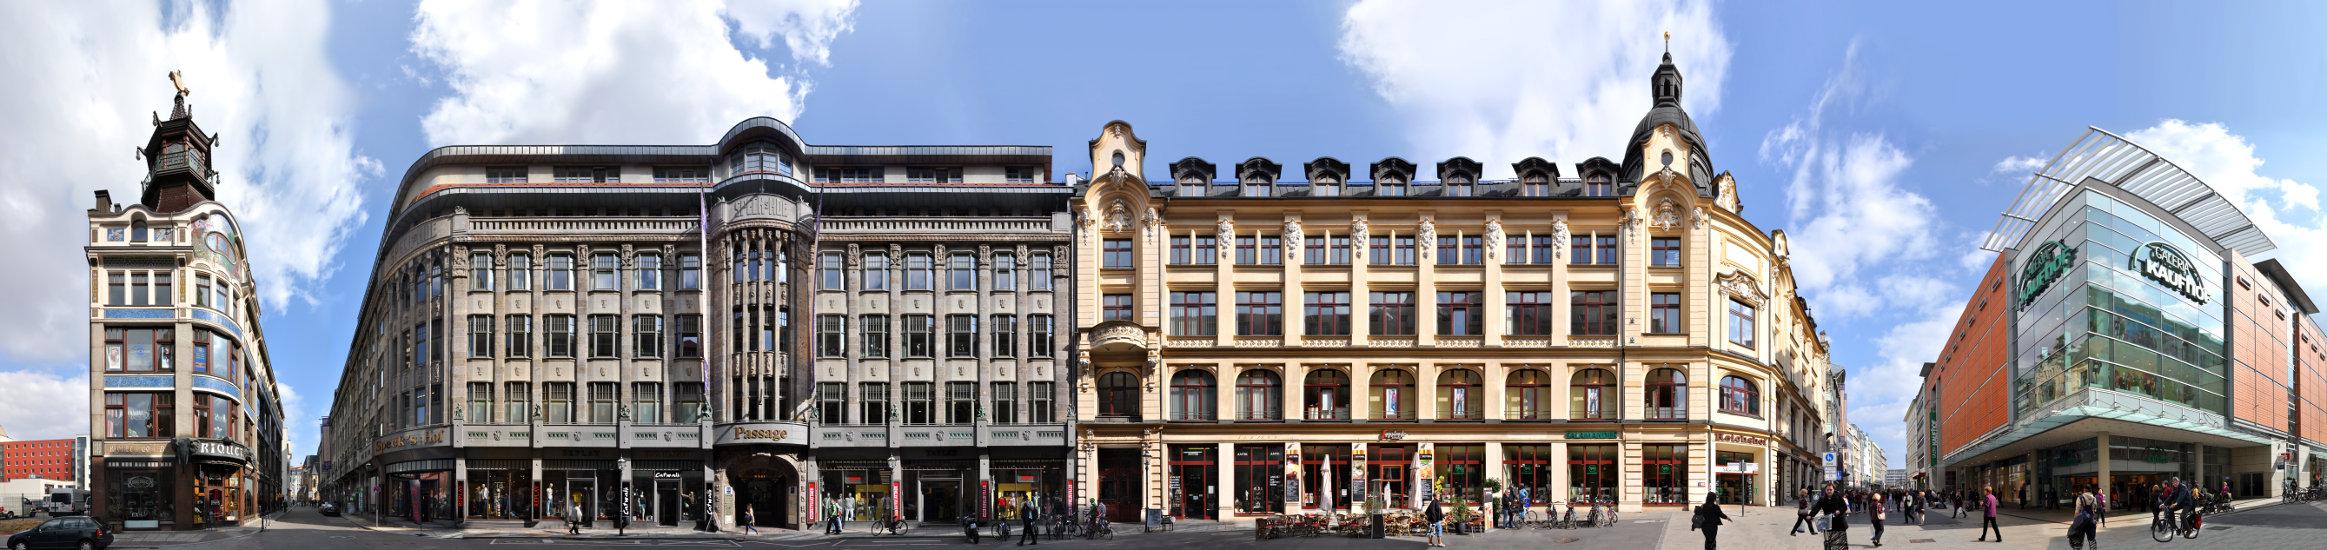 Reichsstrasse / Speck's Hof